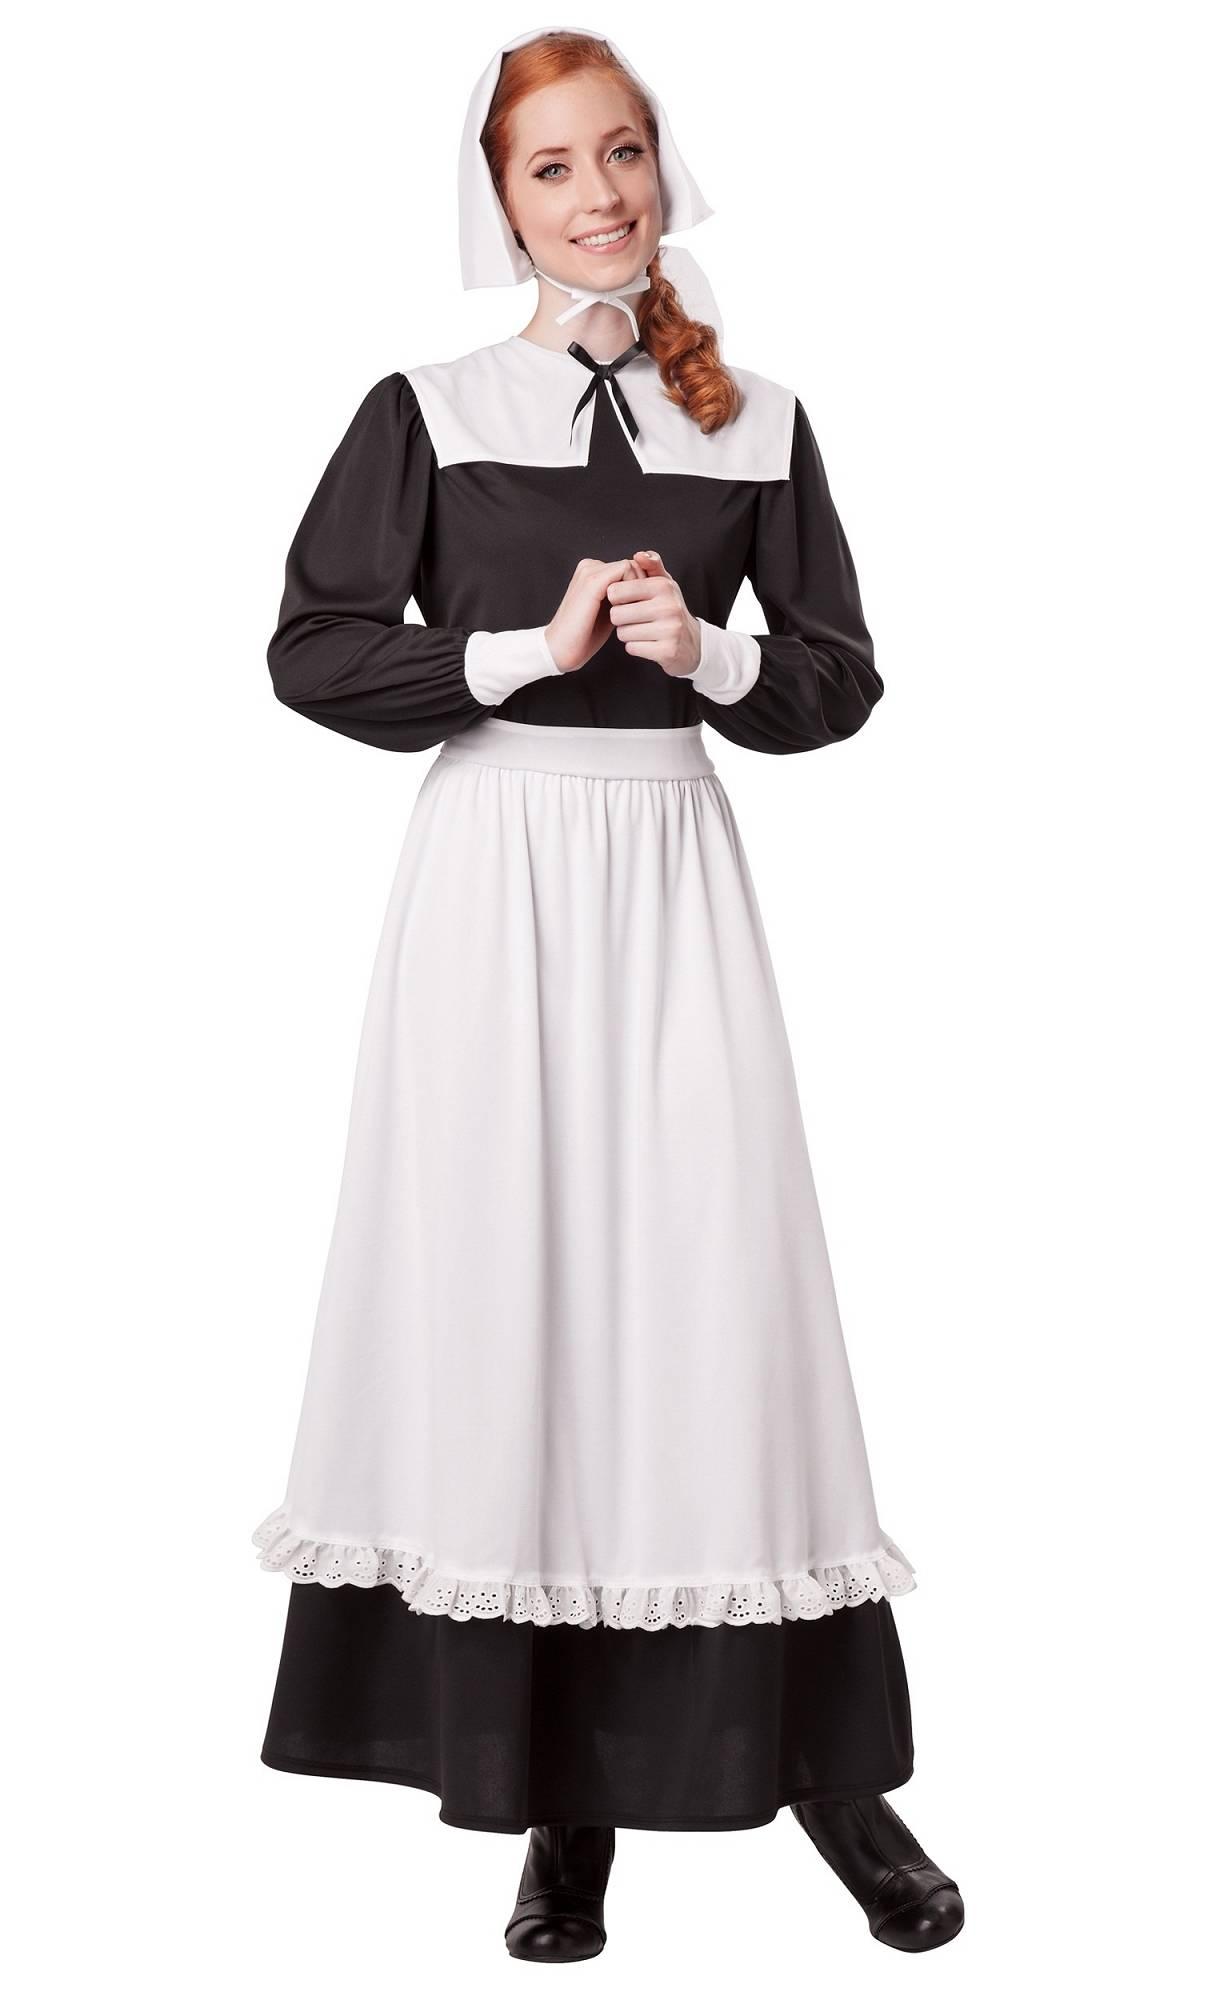 Costume-de-soubrette-1900